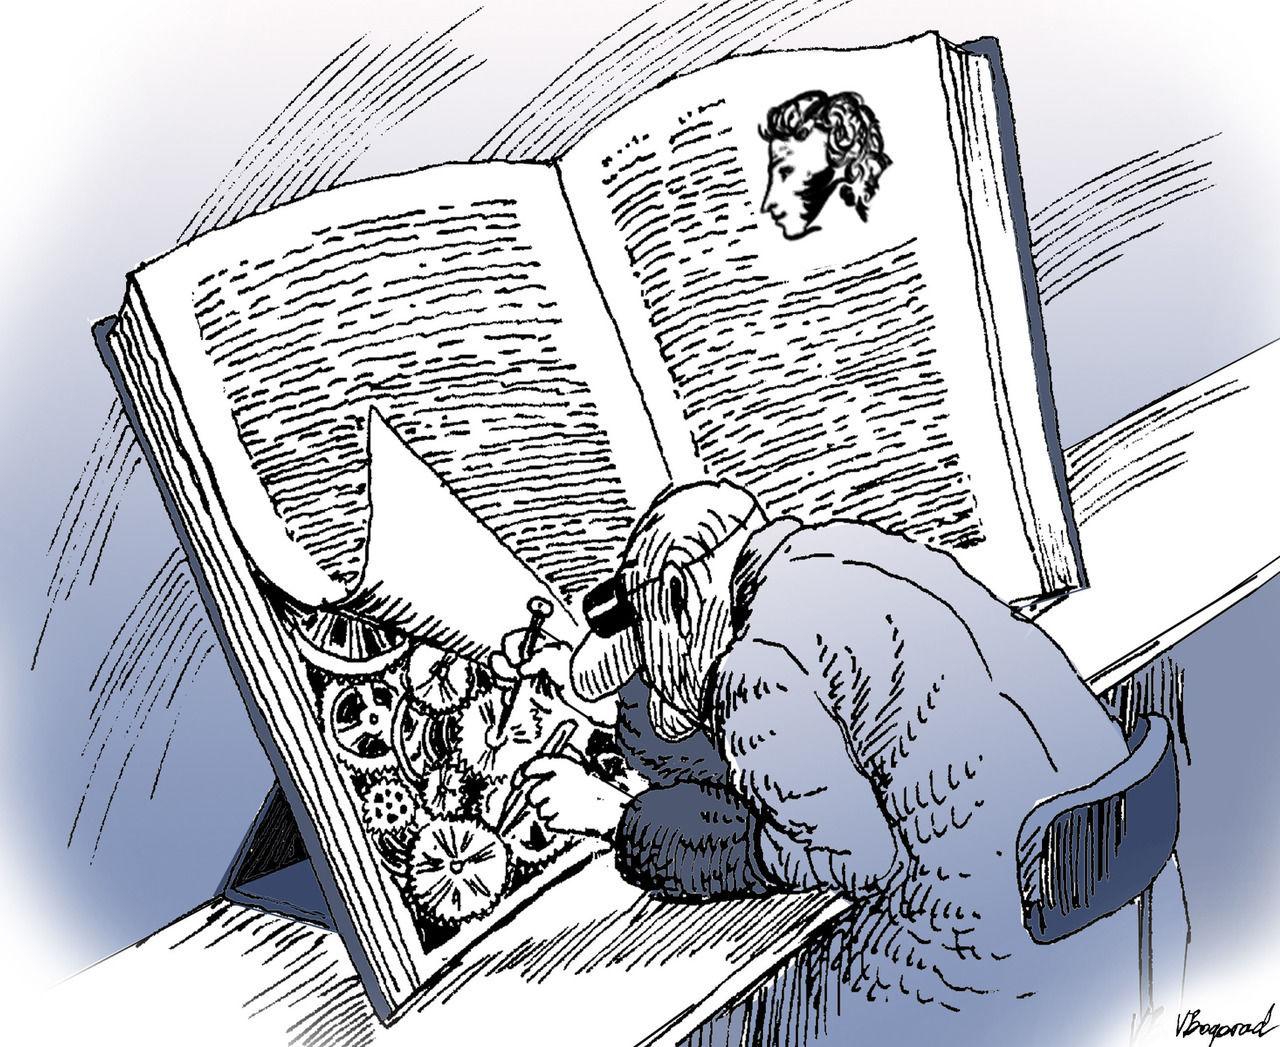 Союз писателей. Как работают современные литераторы